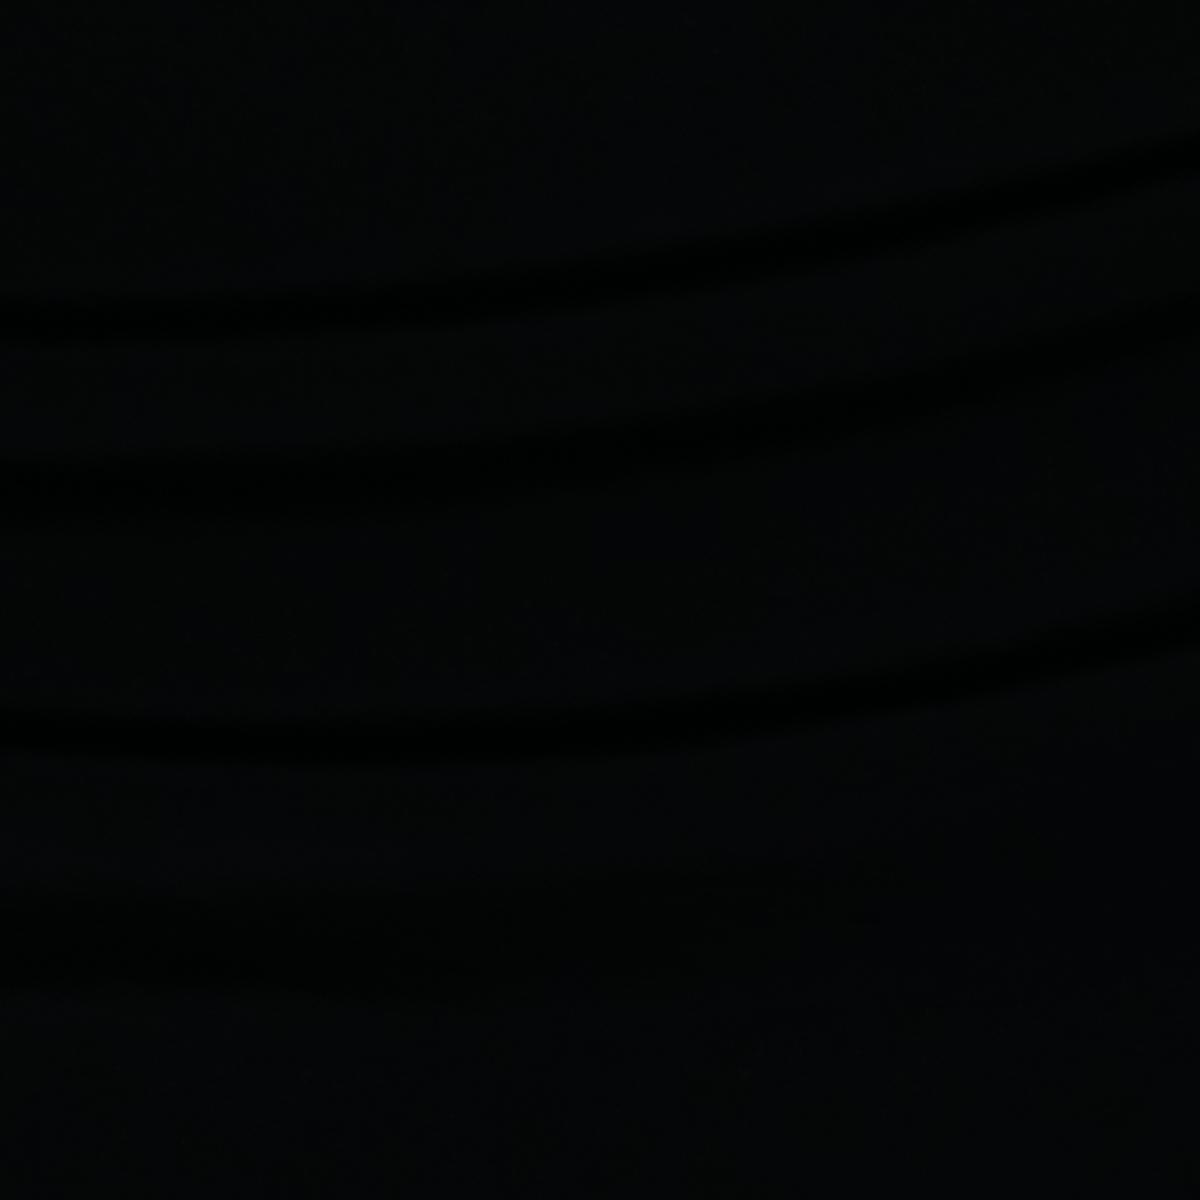 Полу-шёлковое полотно чёрного цвета